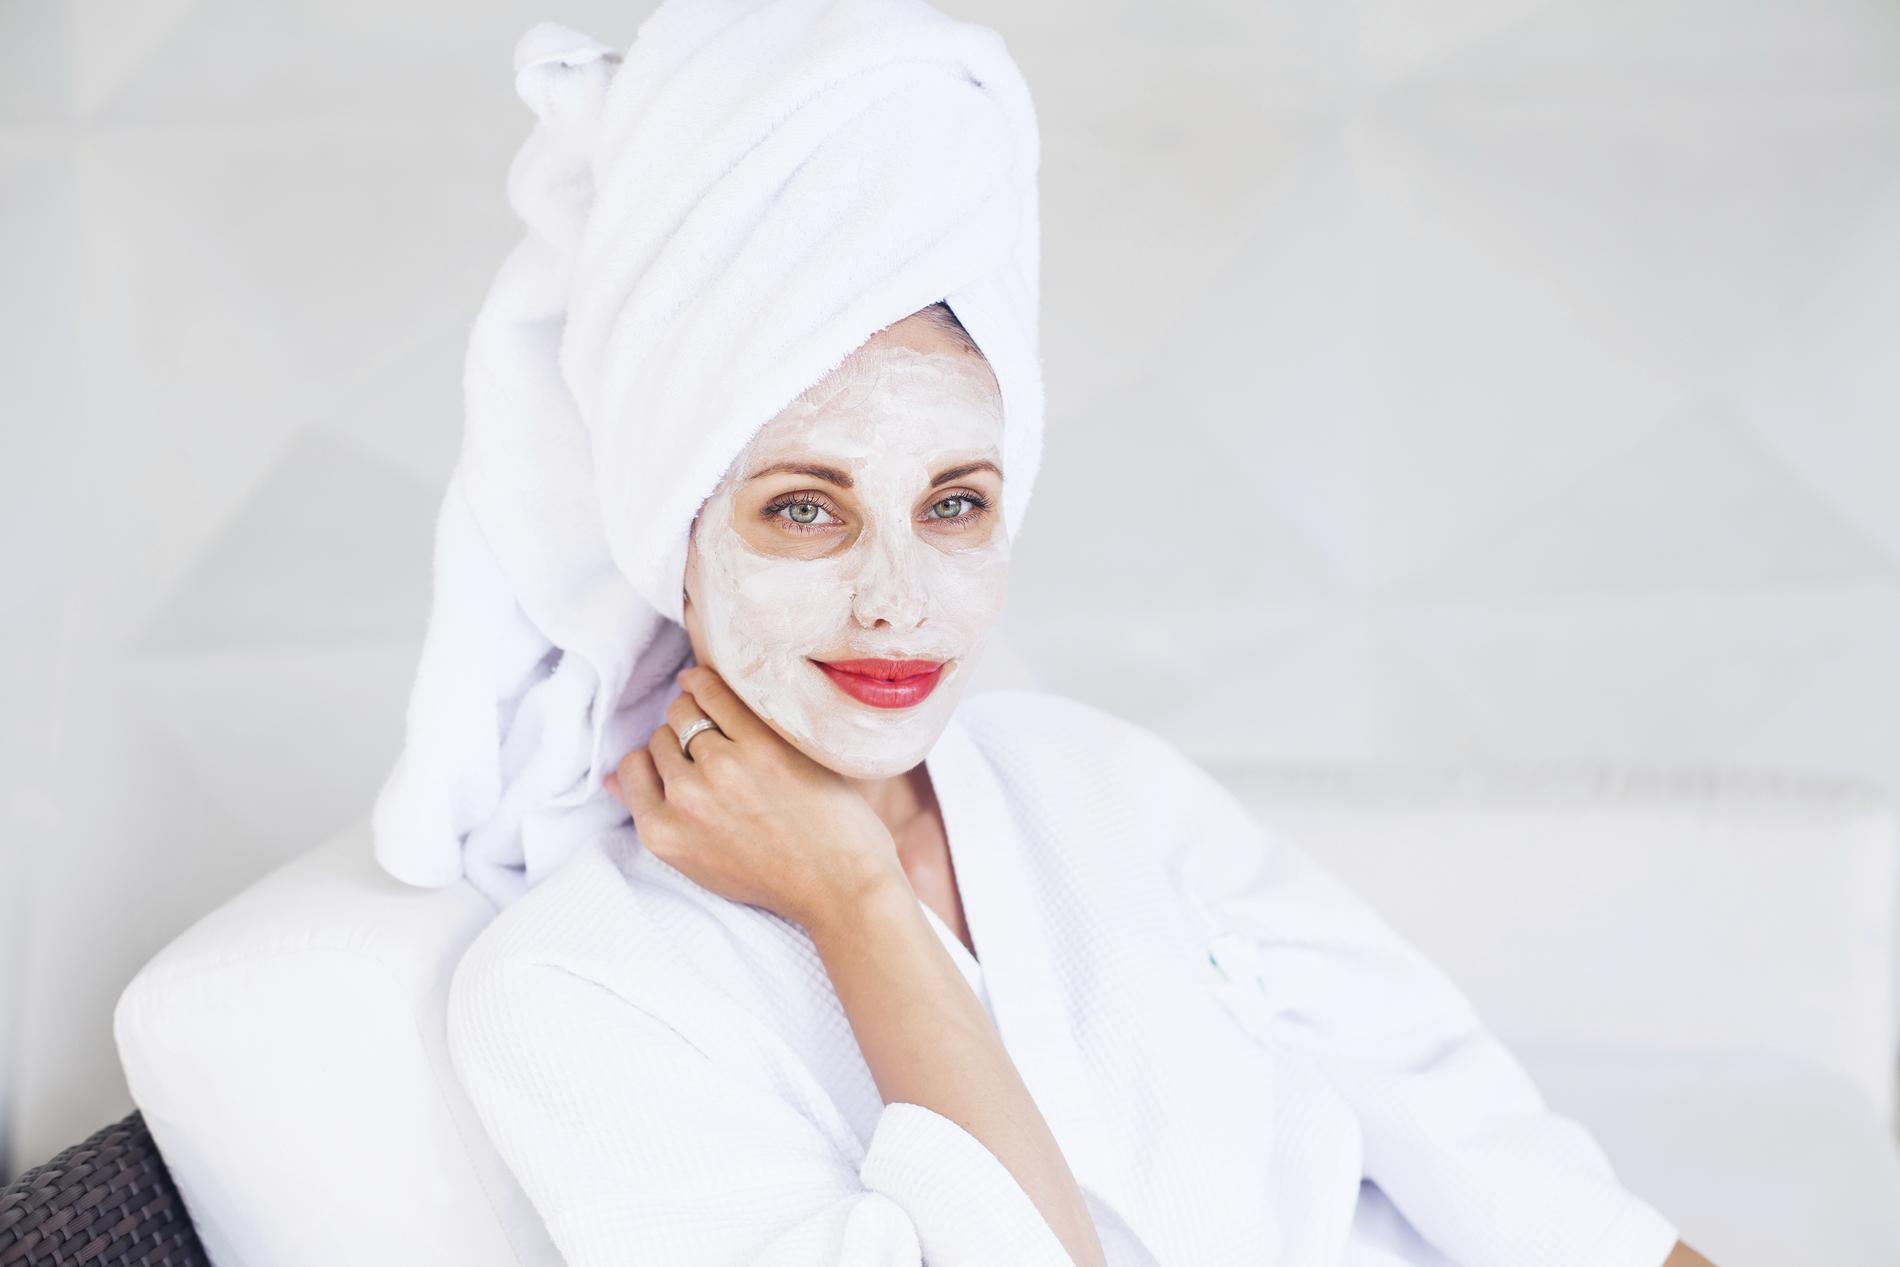 Soin du visage maison peau mixte ambroise beaut - Masque maison peau seche ...